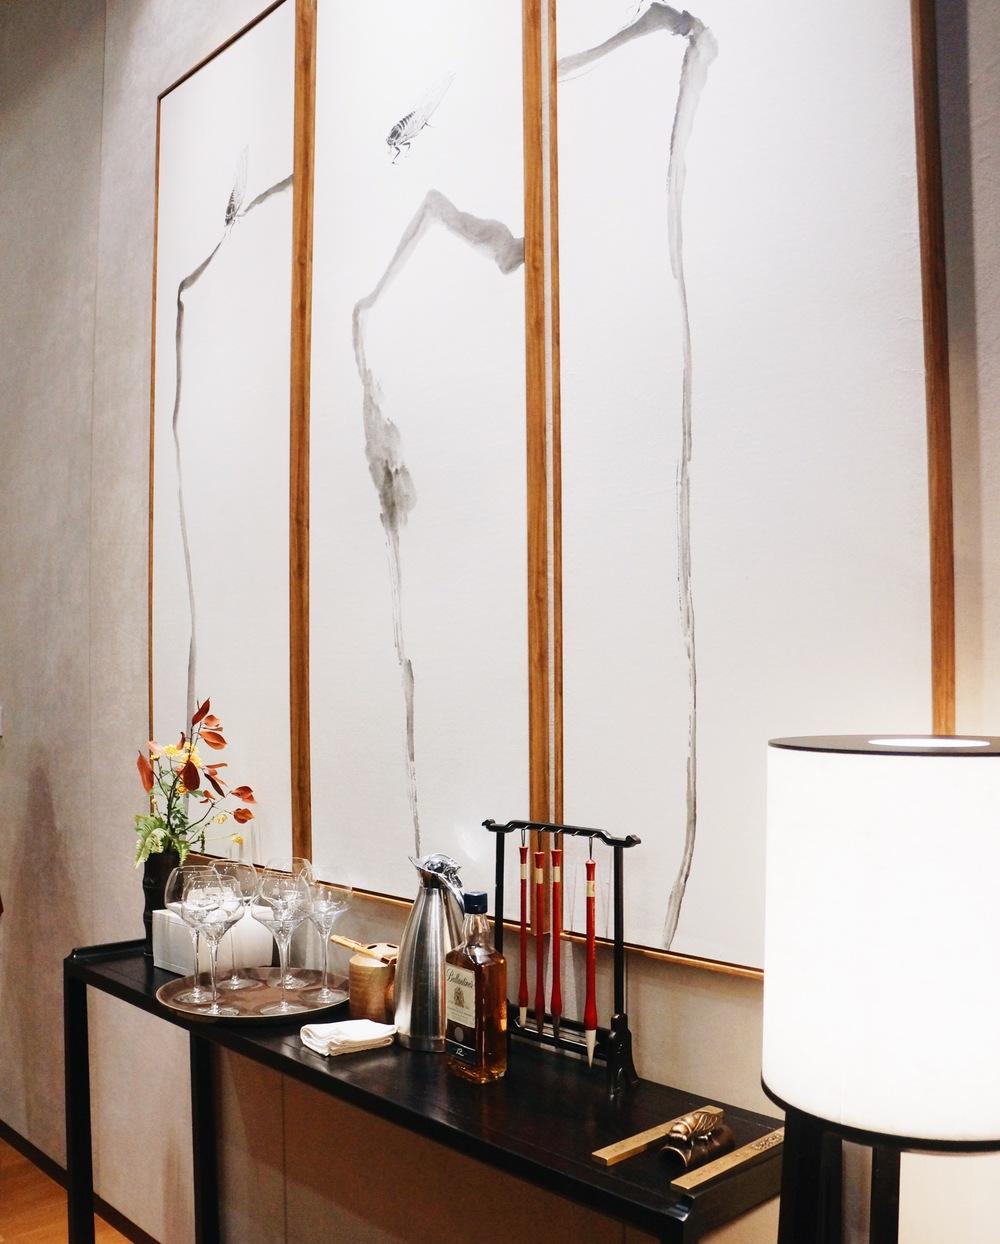 """dining room setting 墙画""""汀蝉""""是由GN栖城董事沈利江创作。包间除了用餐区域外也安排了沙发桌椅供客人聊天娱乐用"""